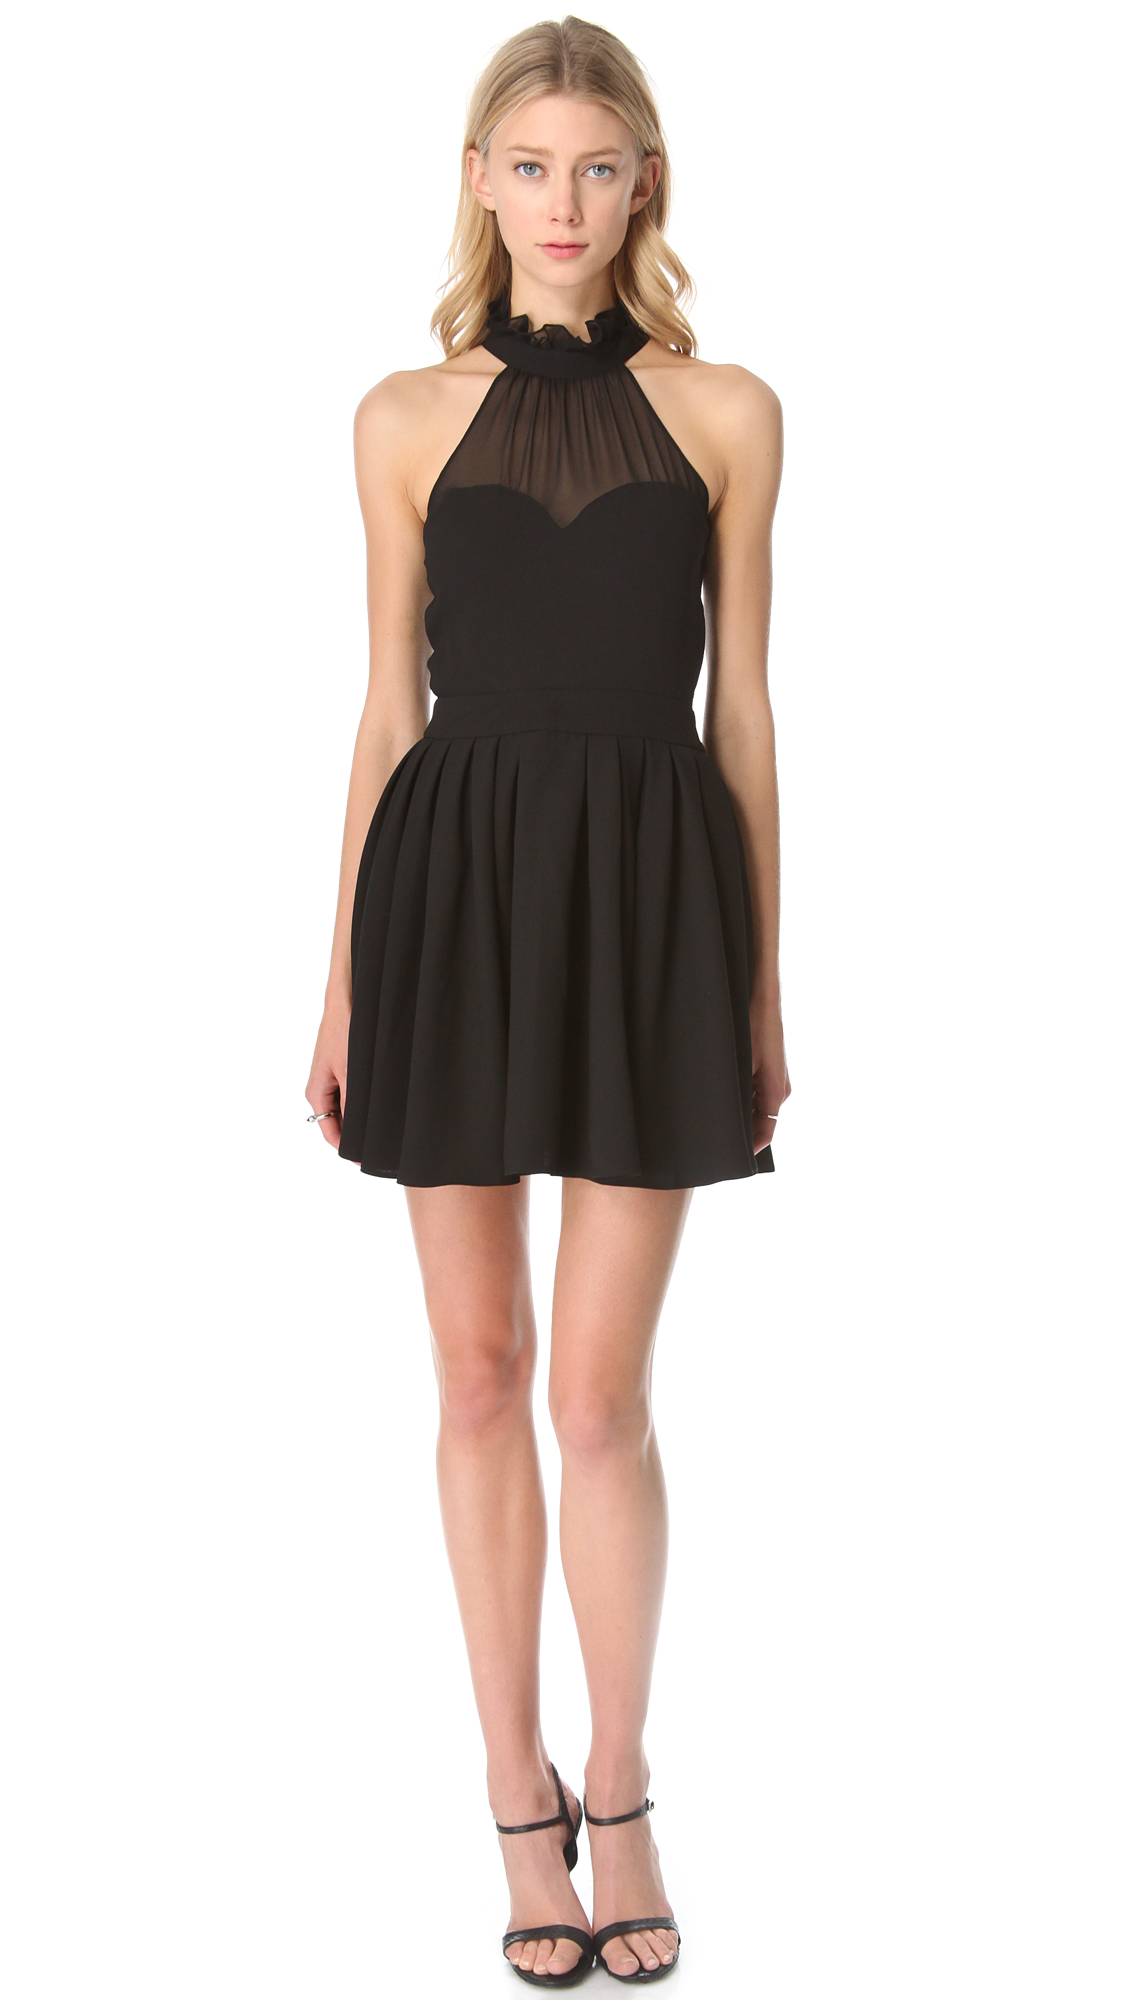 Top Dresses